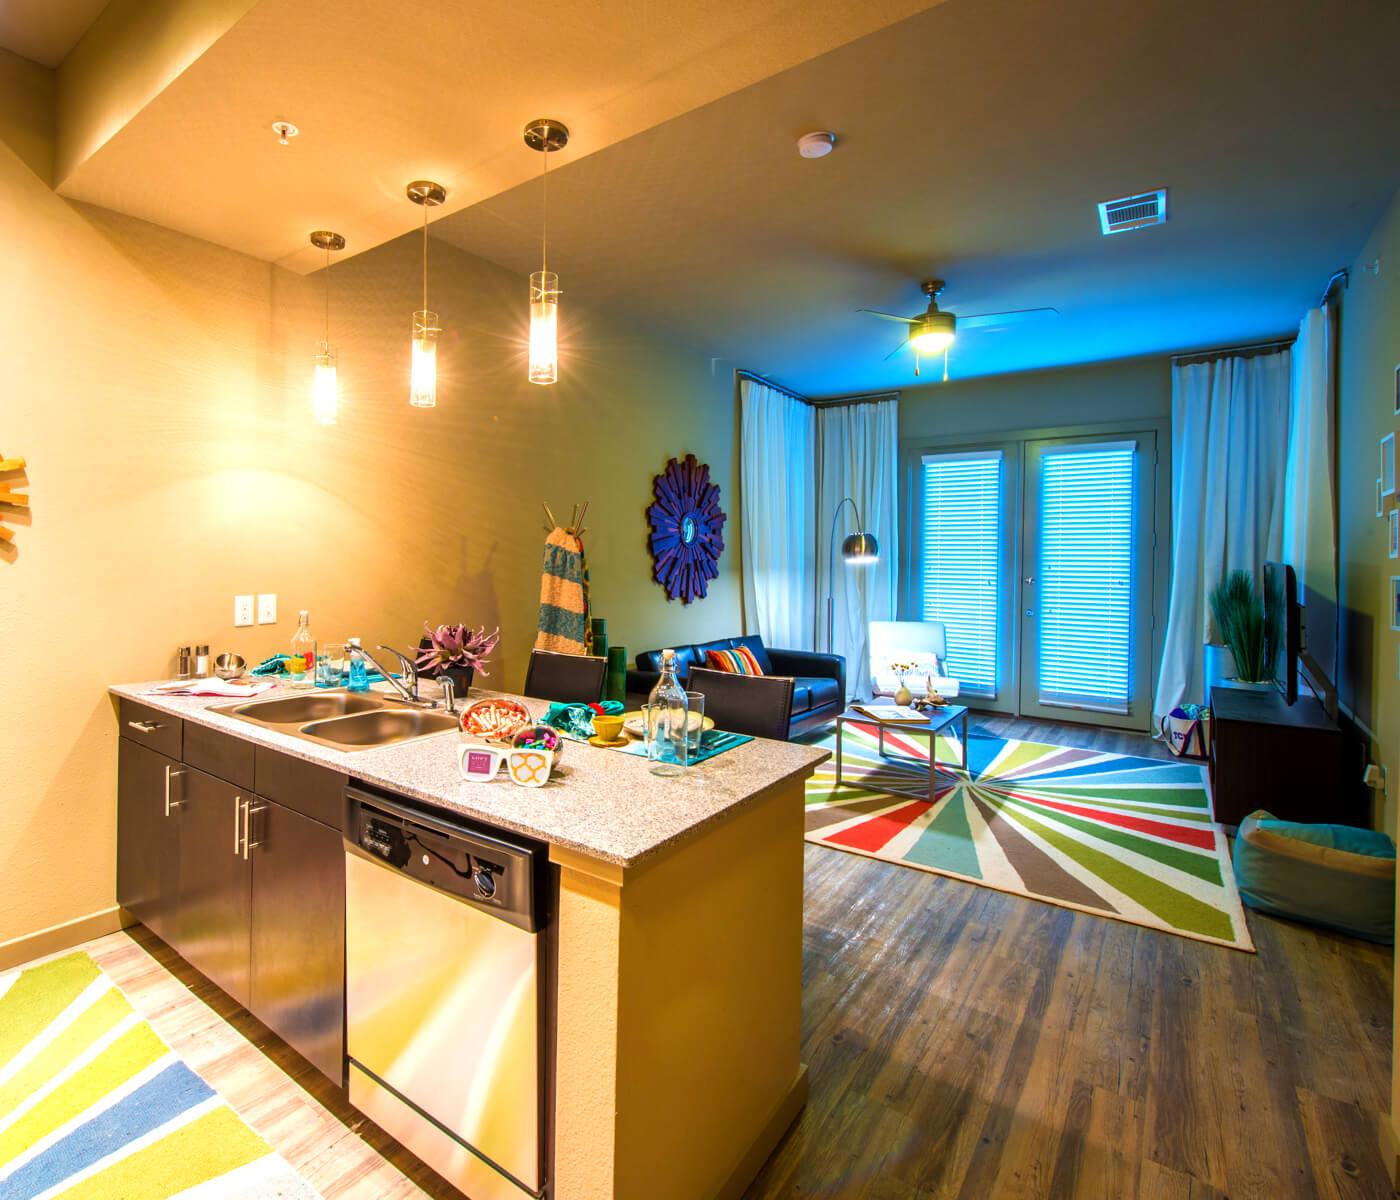 Loft-Vue-student-housing-apartments